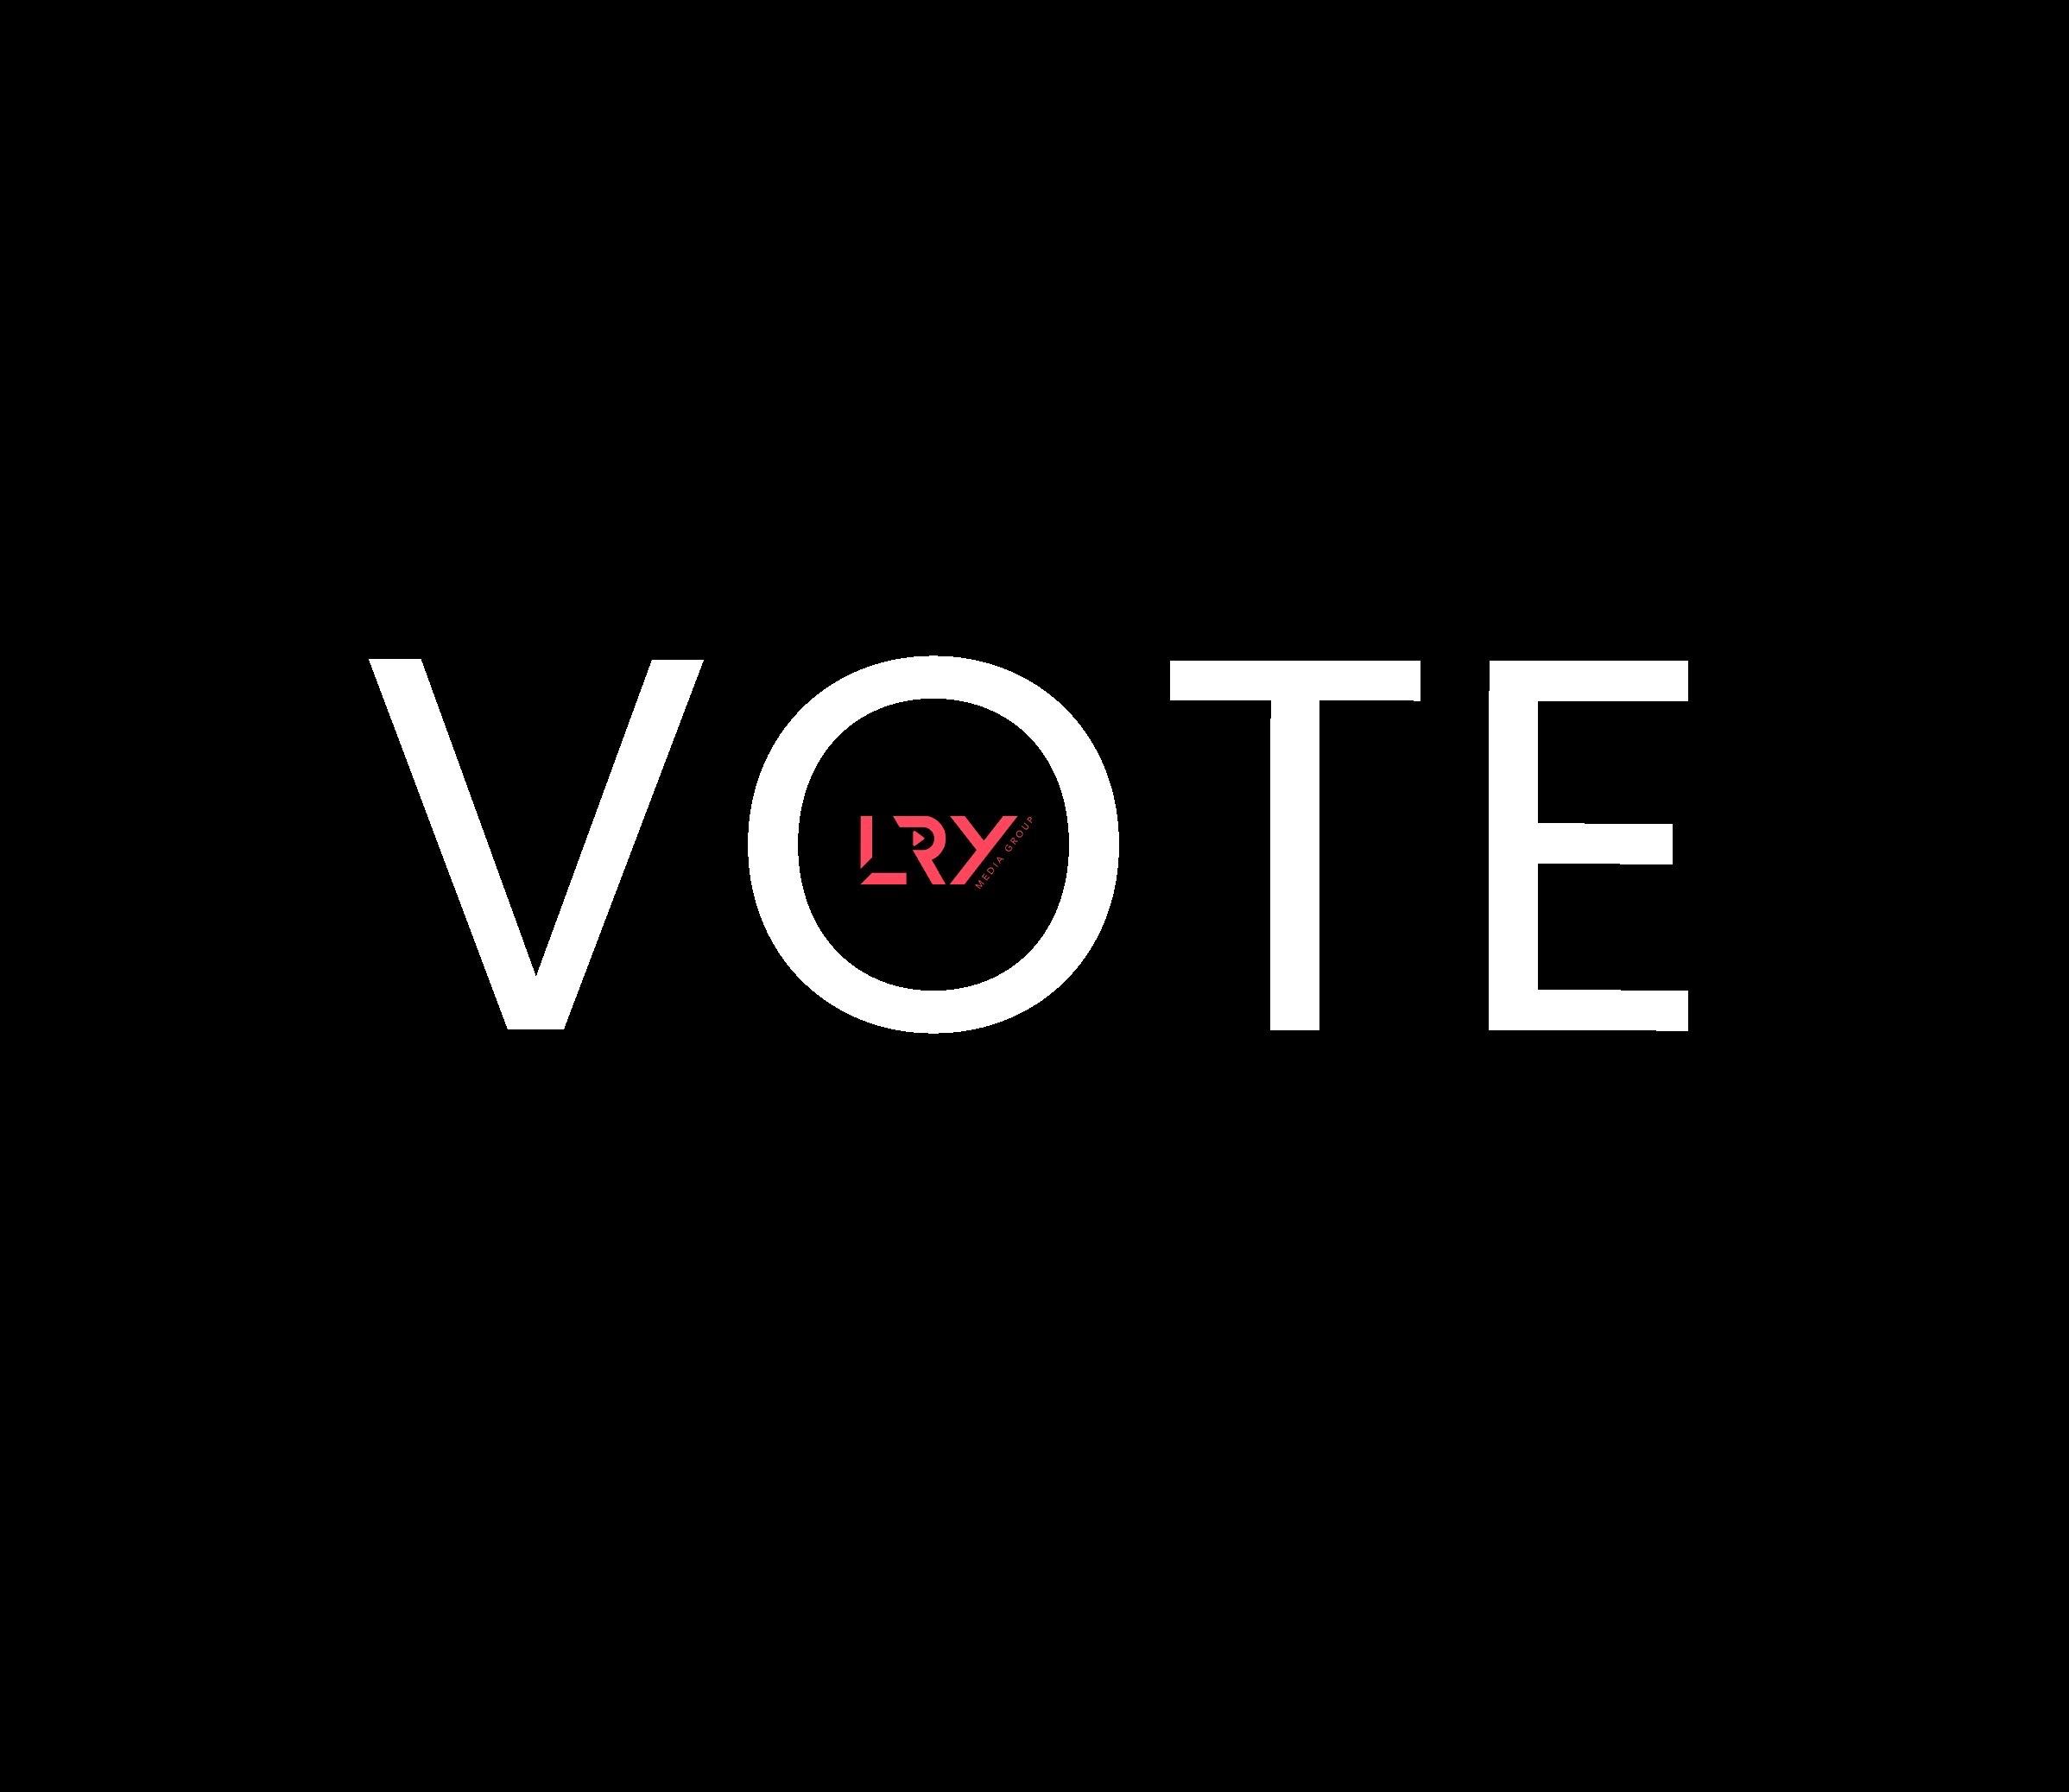 LRY Vote Campaign